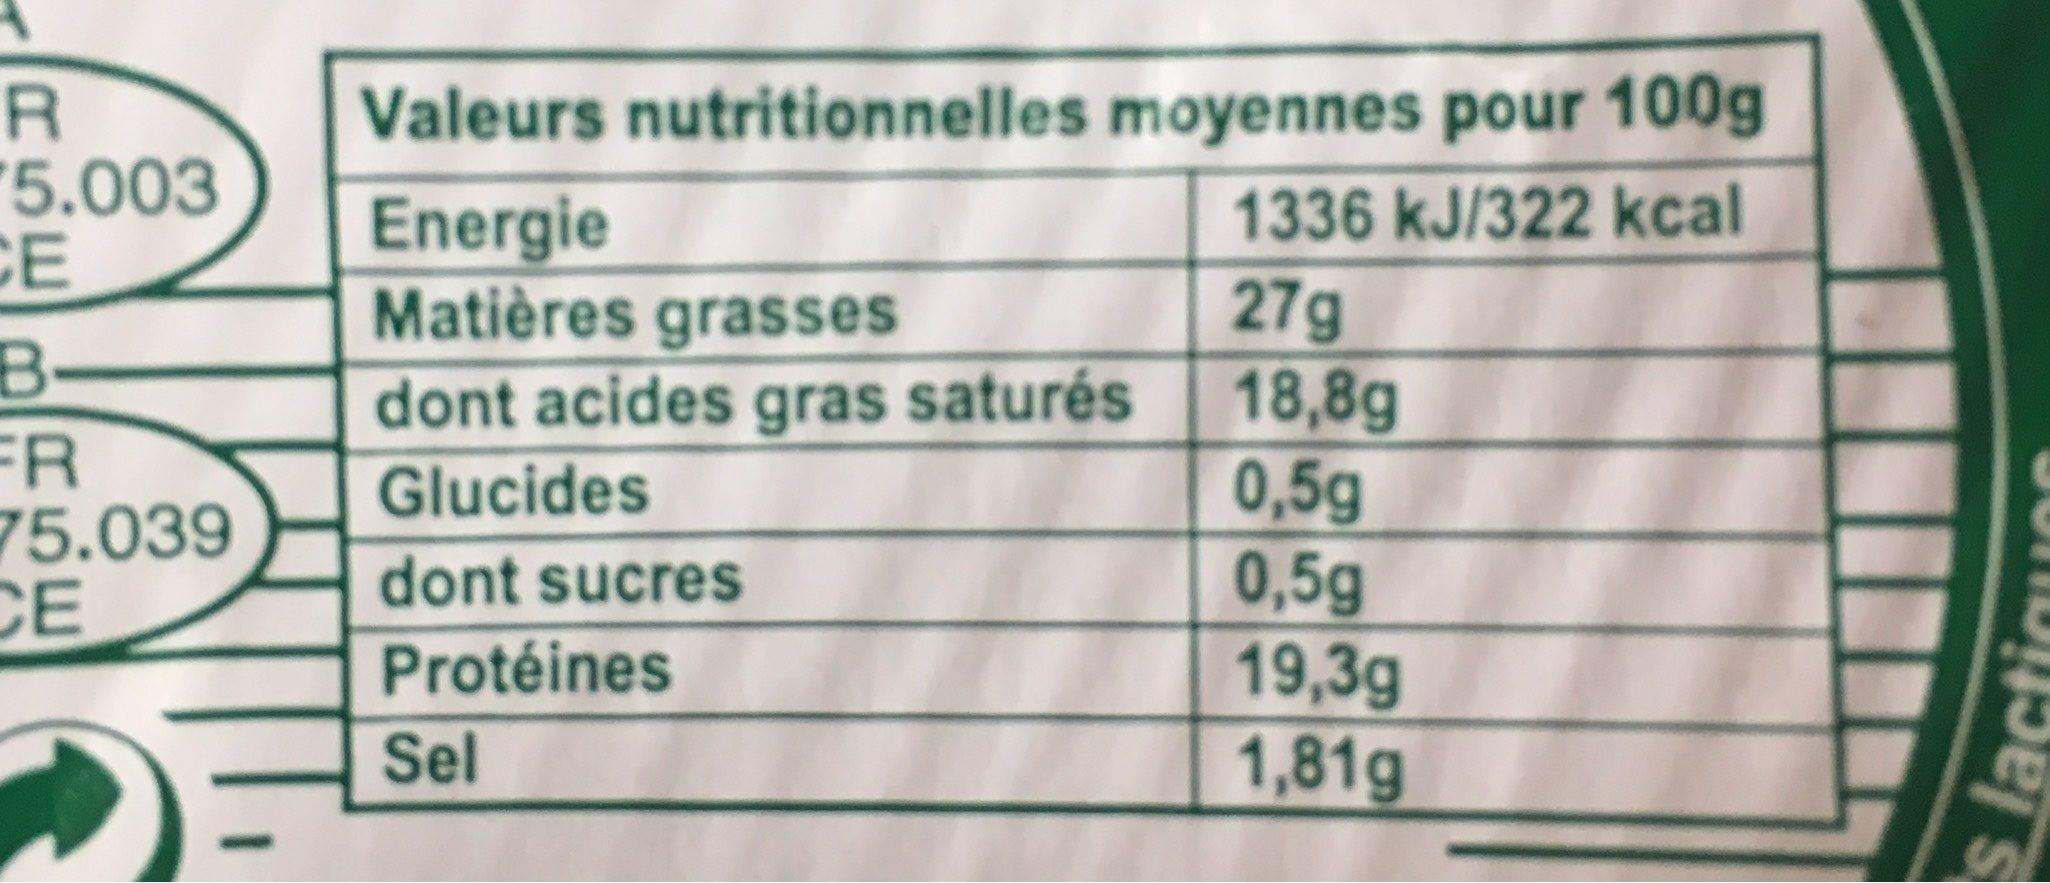 Fromage Non Affiné Blanc (26% M.G) - Informations nutritionnelles